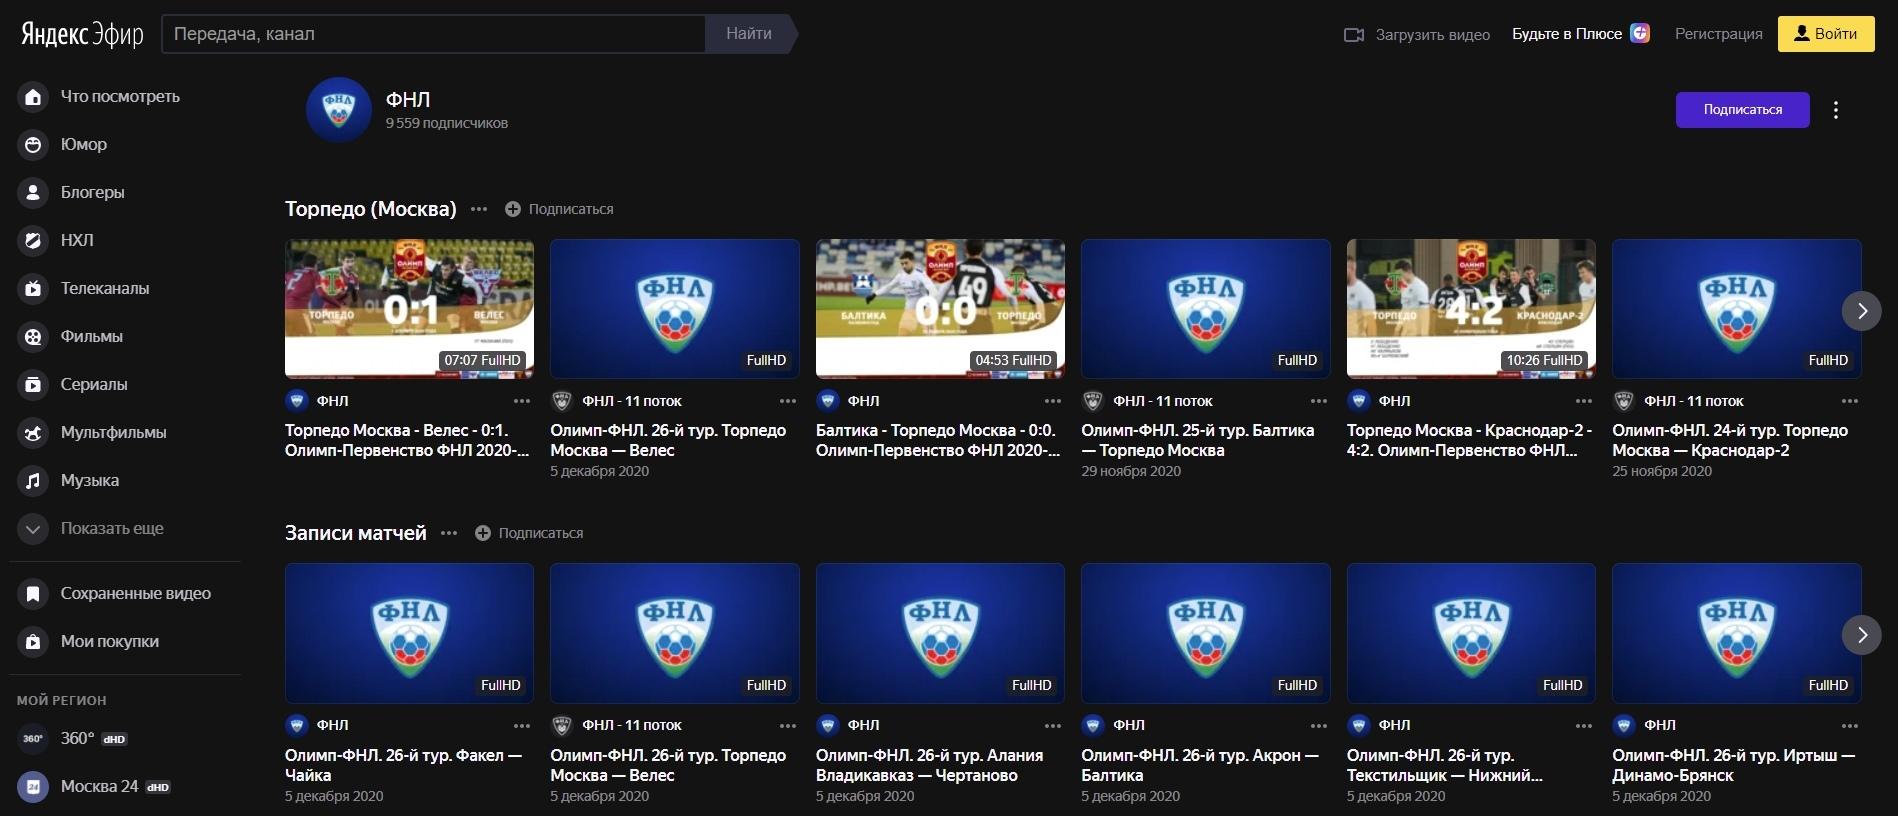 Яндекс эфир смотреть бесплатно футбол